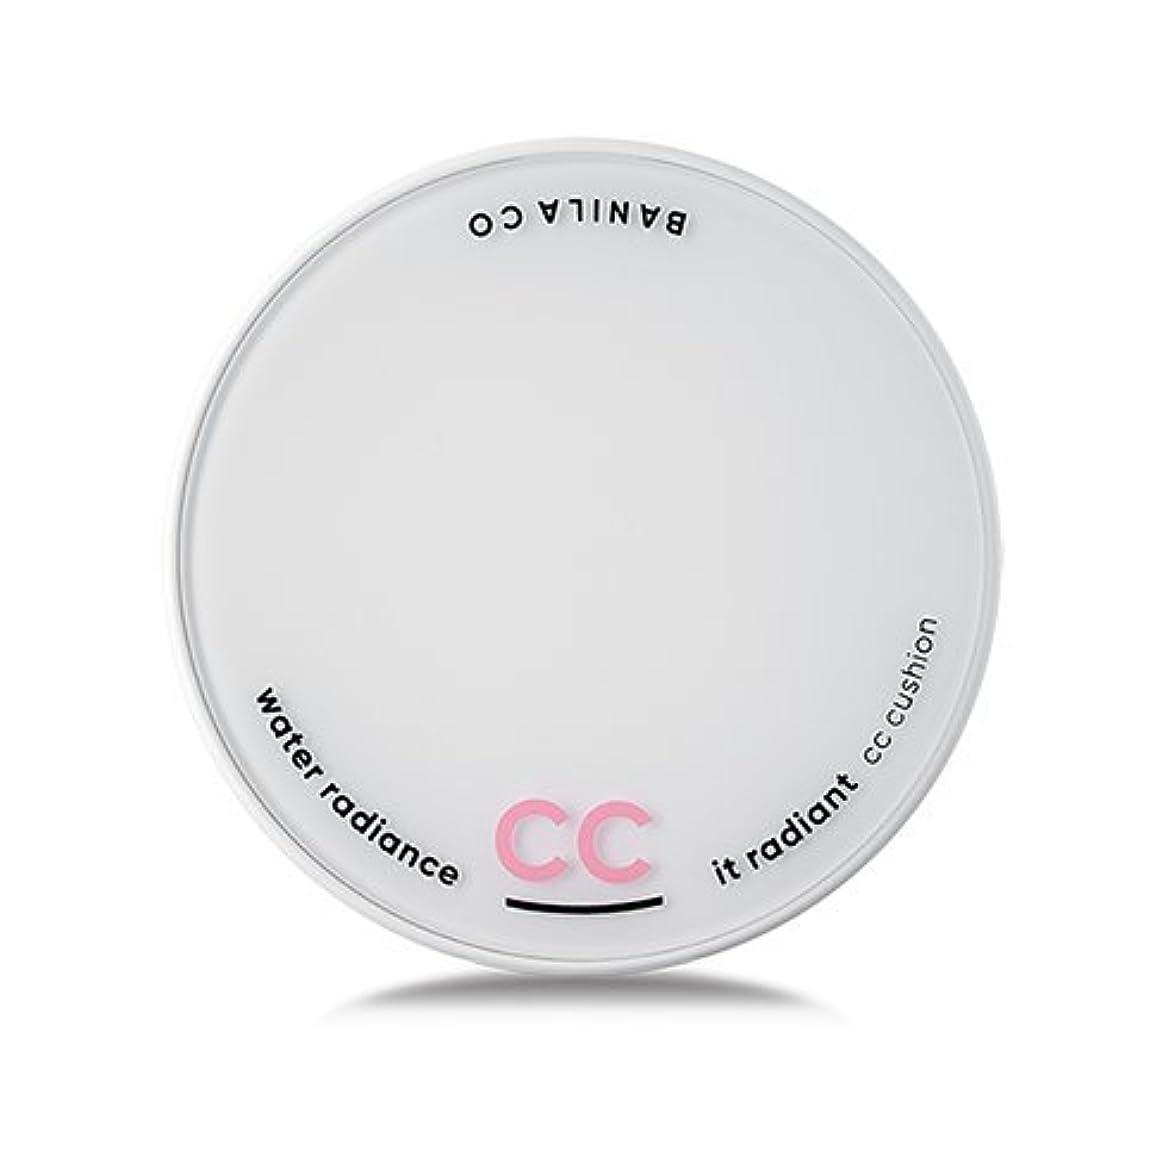 乞食類人猿サドル[Renewal] BANILA CO It Radiant CC Cushion 15g + Refill 15g/バニラコ イット ラディアント CC クッション 15g + リフィル 15g (#Light Beige...